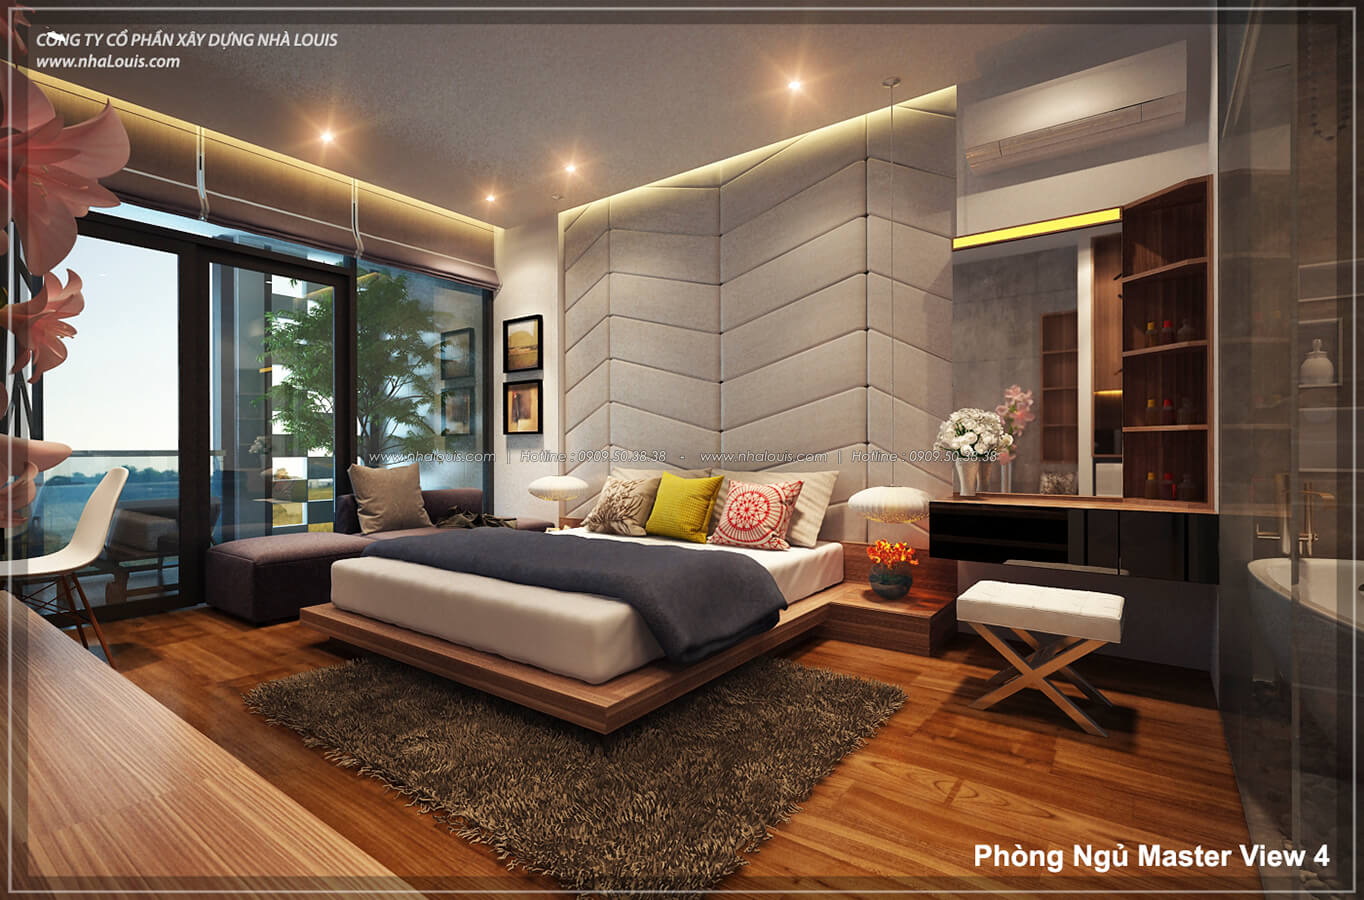 Phòng ngủ master không gian xanh trong nhà tại Quận 7 - 33